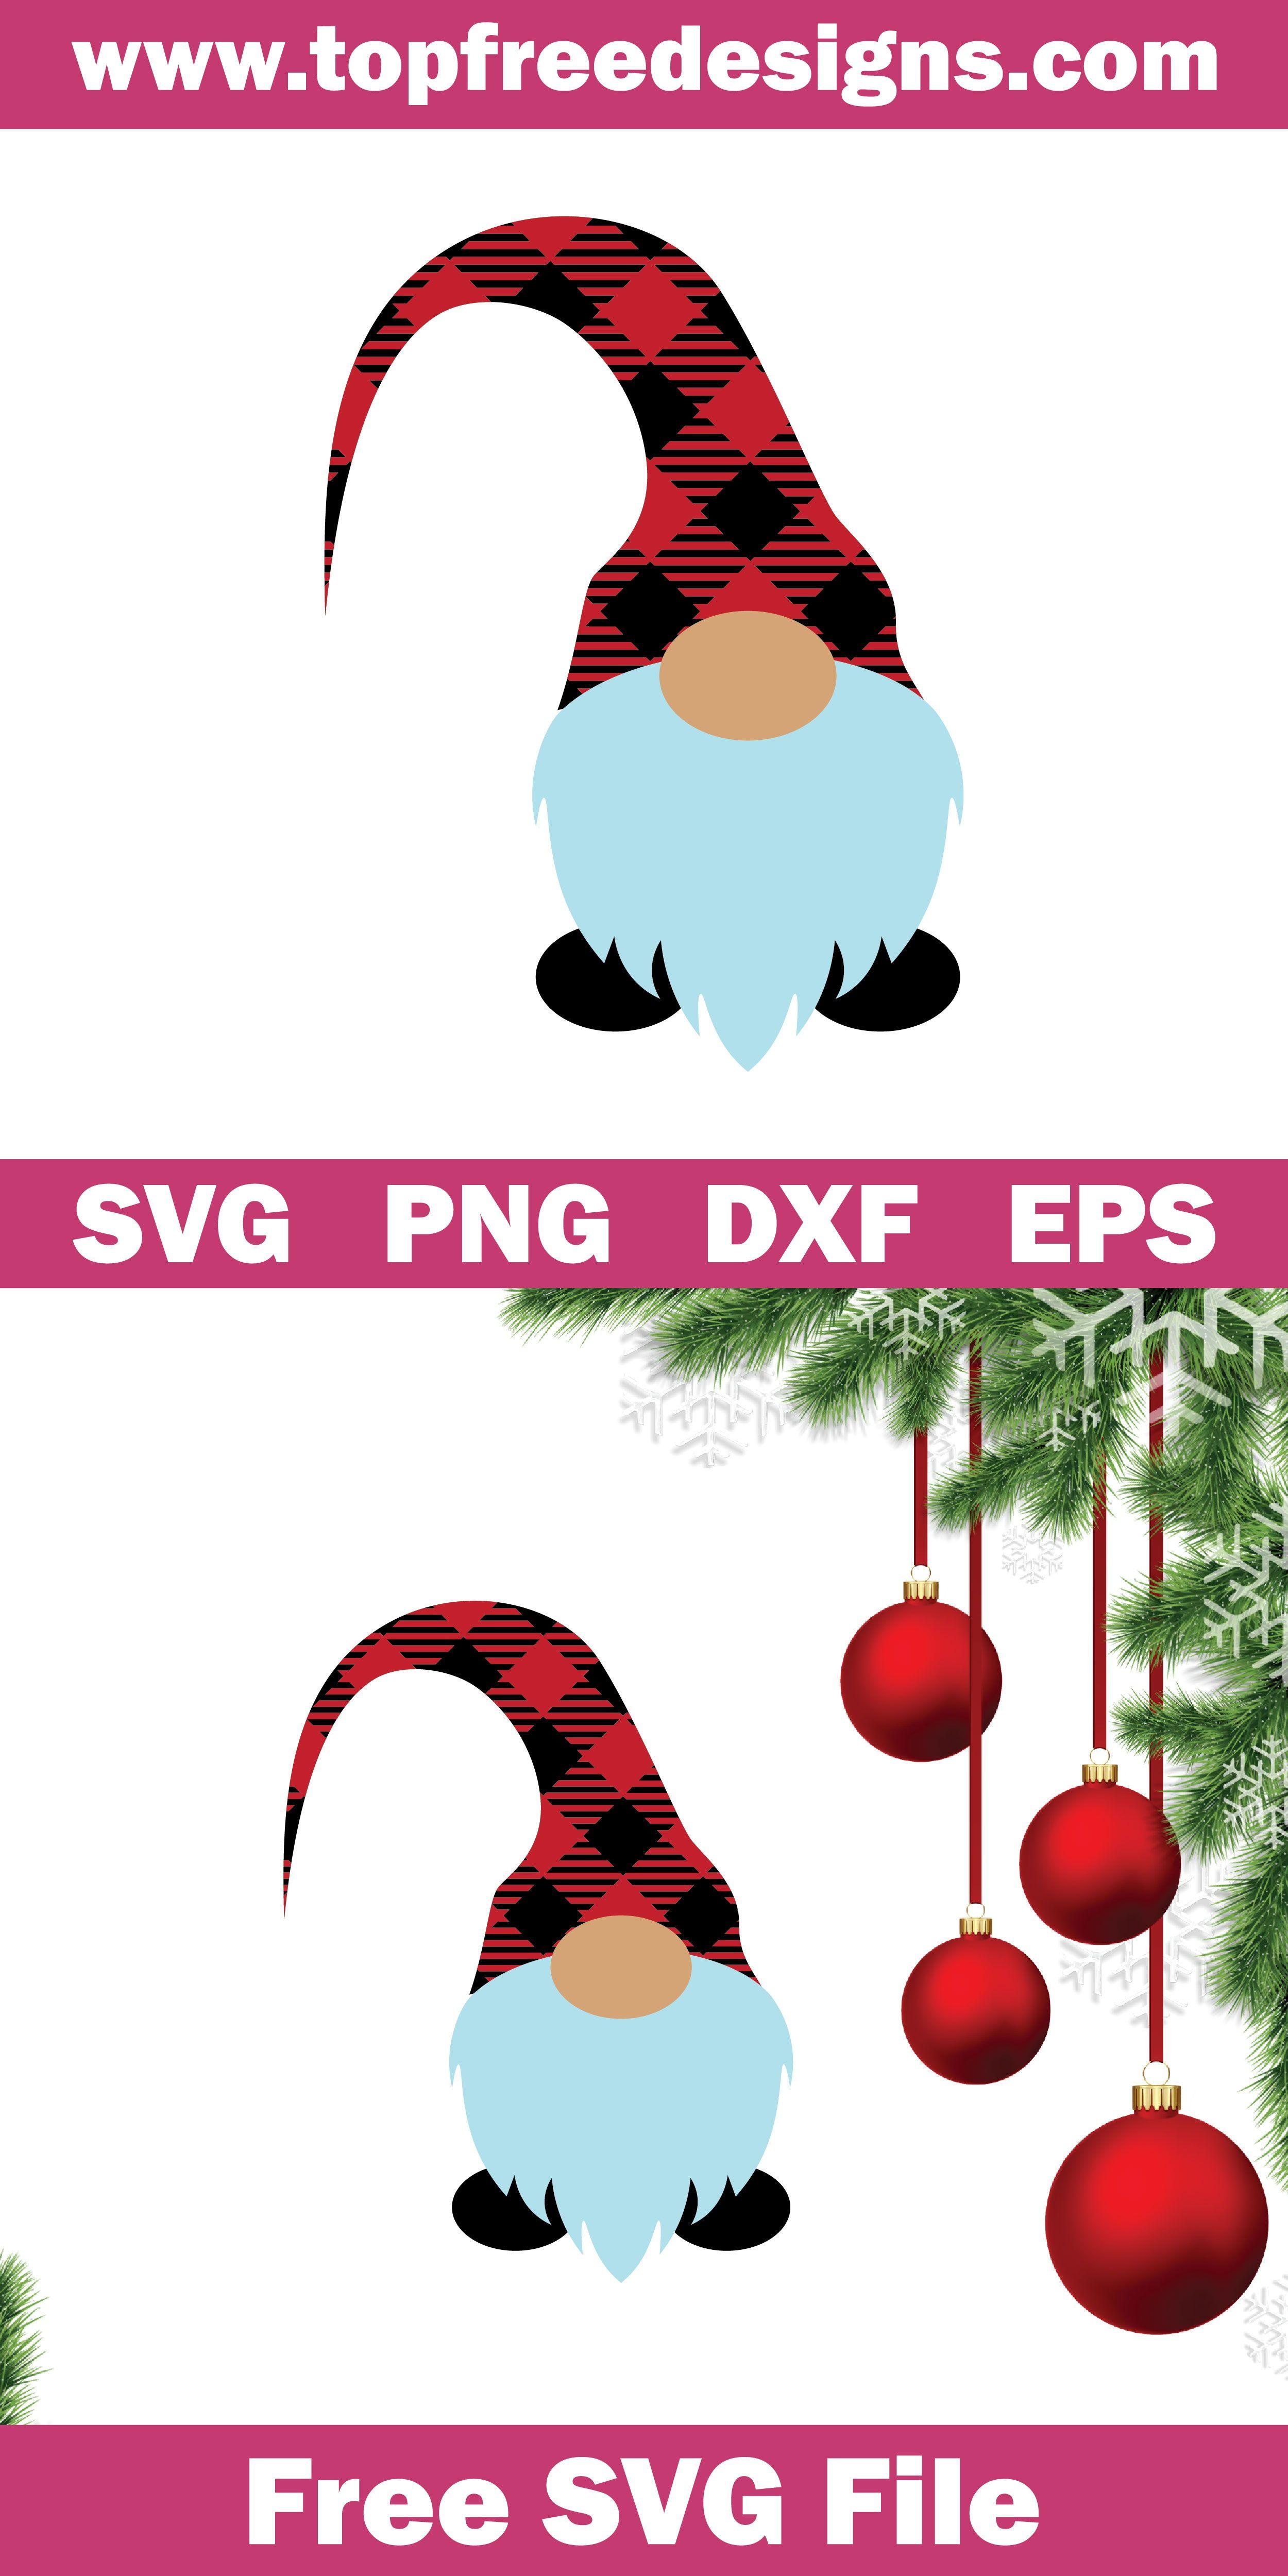 Free Christmas Gnome Svg File Cricut Christmas Ideas Christmas Gnome Christmas Svg Files